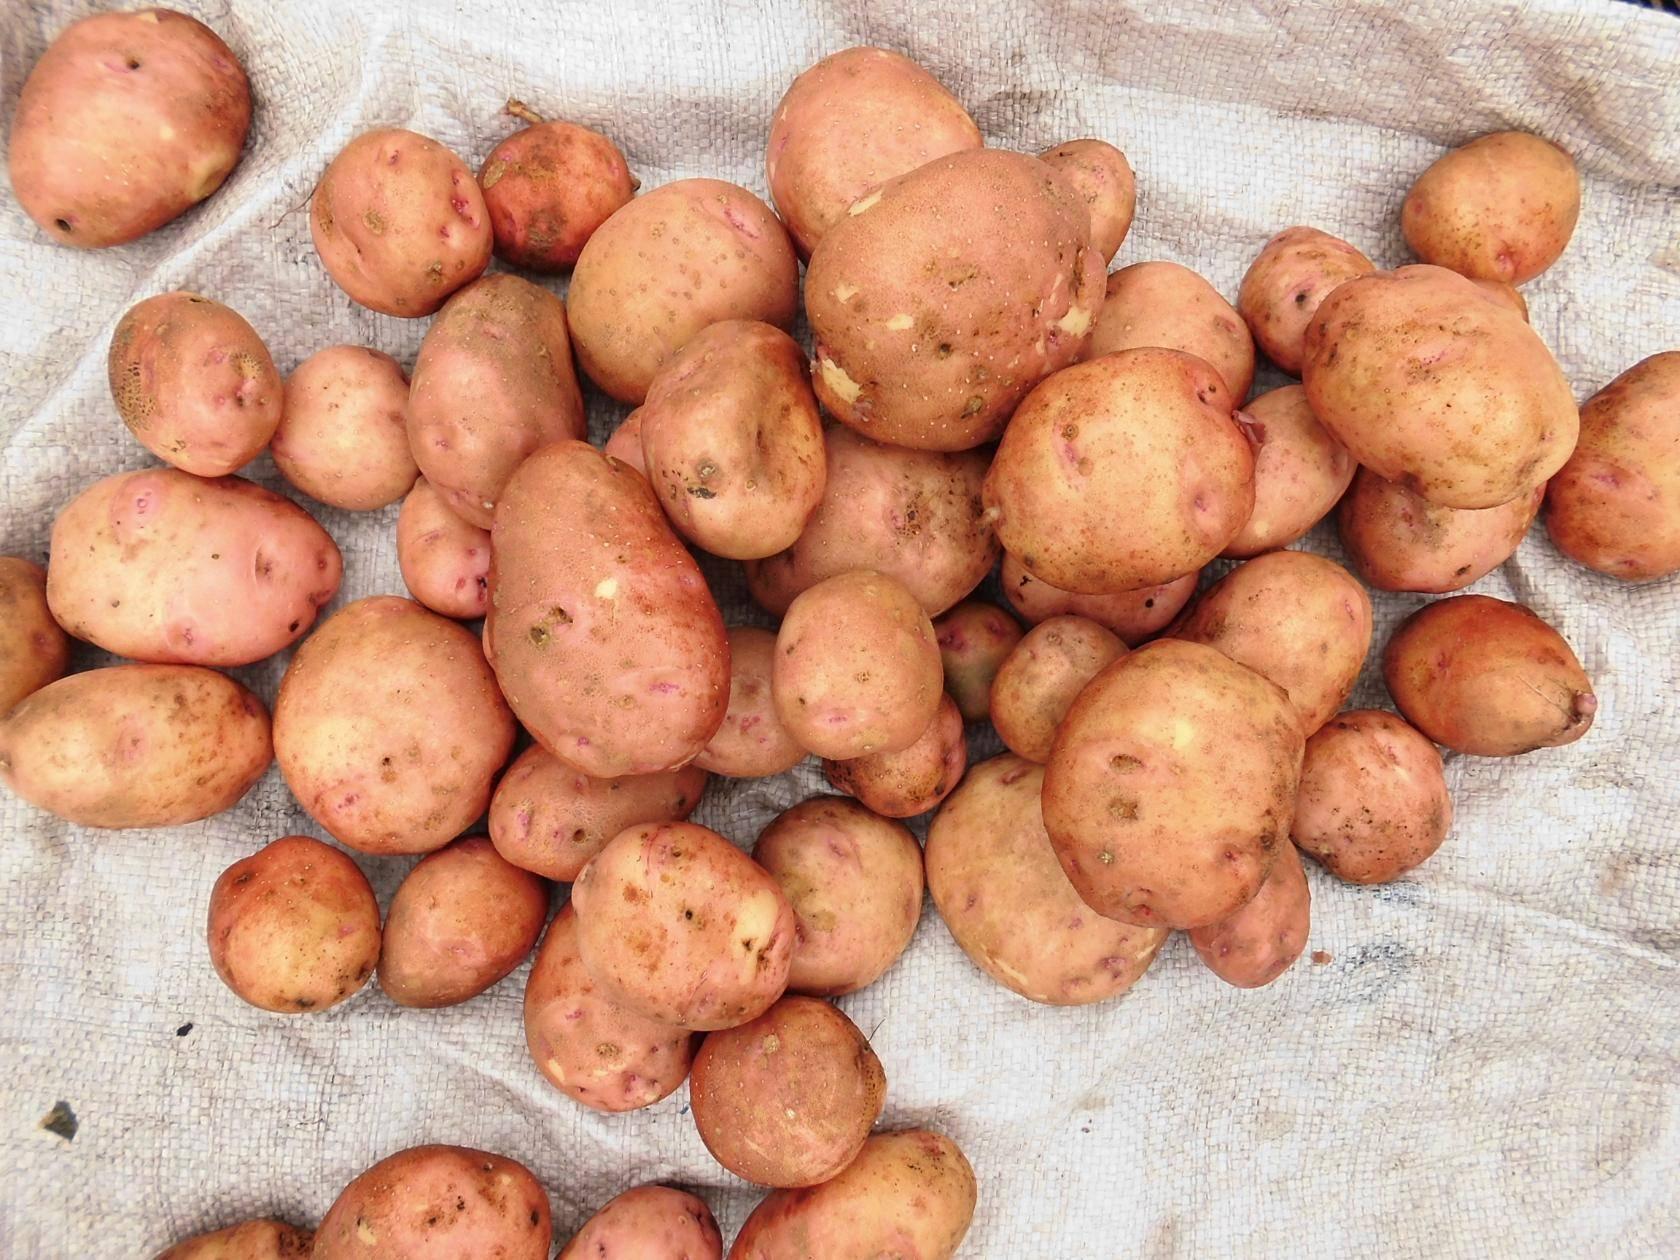 Картофель беллароза: характеристика сорта, описание сорта, отзывы и фото